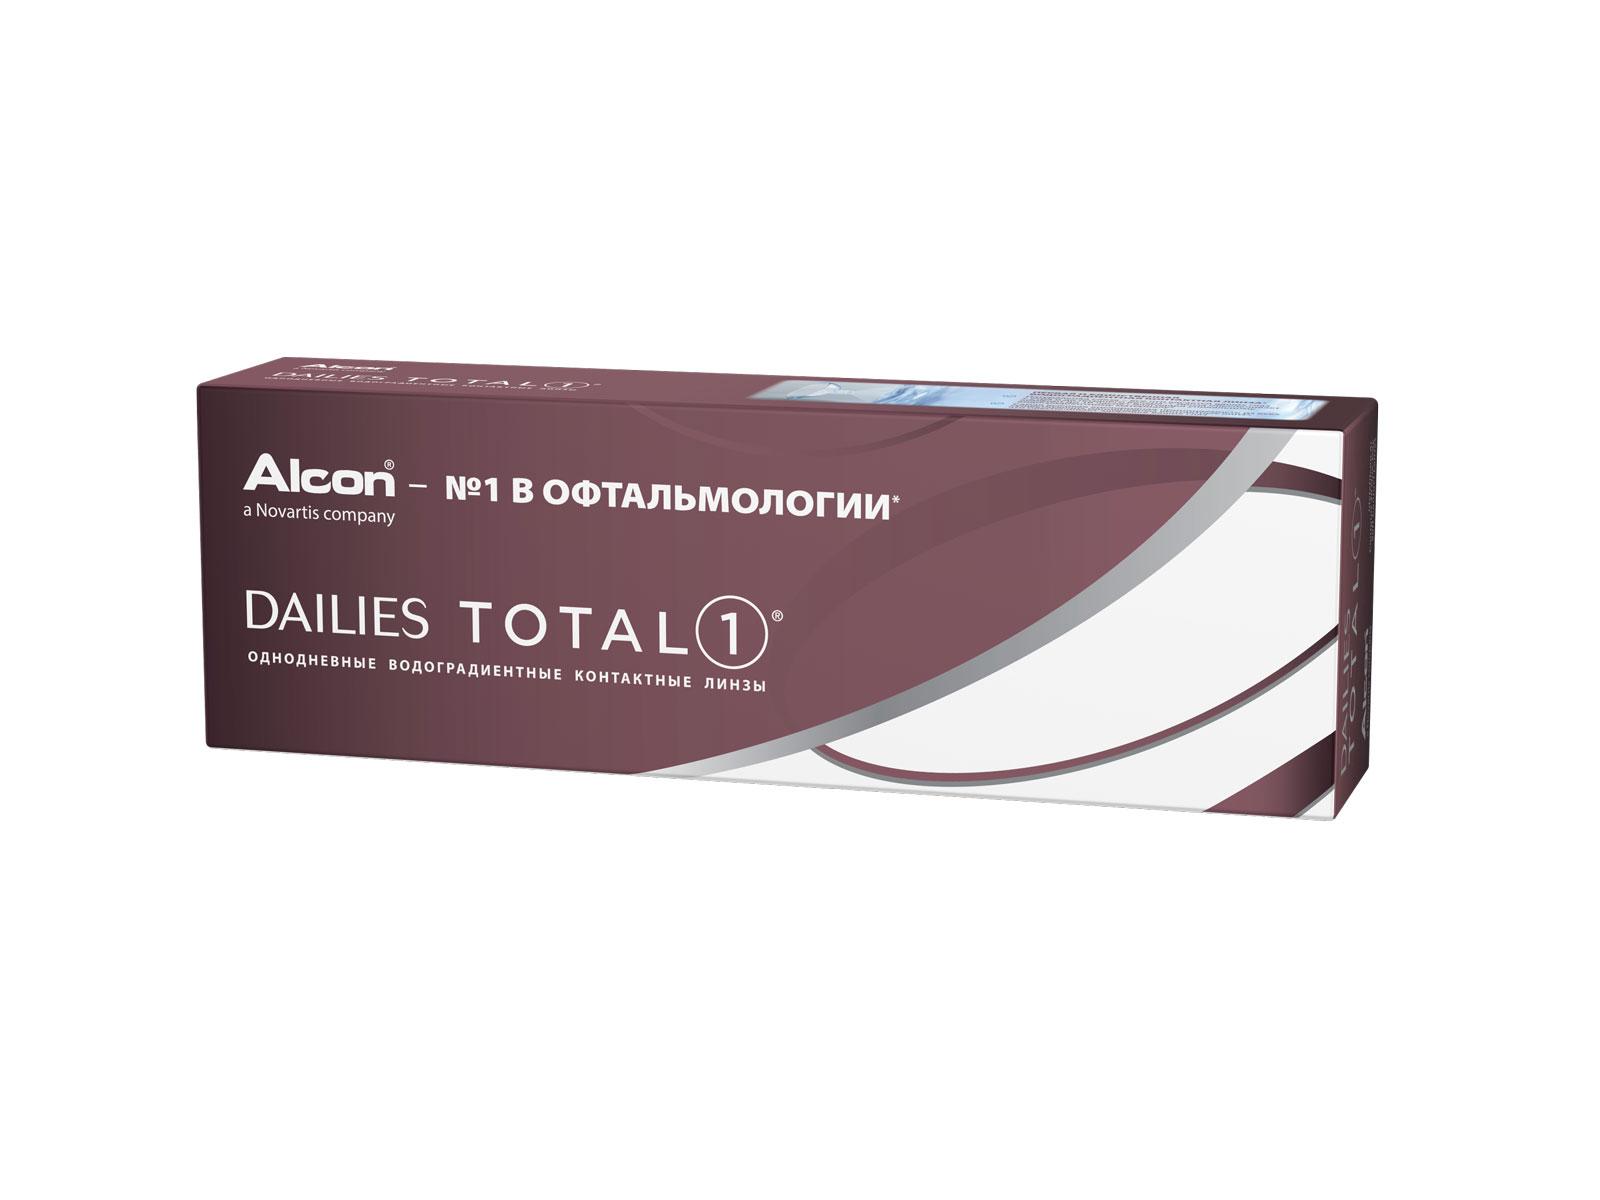 Alcon контактные линзы Dailies Total 1 30pk /+3.50 / 8.5 / 14.1100037847Dailies Total 1 – линзы, которые не чувствуешь с утра и до поздного вечера. Эти однодневные контактные линзы выполнены из уникального водоградиентного материала, багодаря которому натуральная слеза – это все, что касается ваших глаз. Почти 100% влаги на поверхности обеспечивают непревзойденный комфорт до 16 часов ношения.